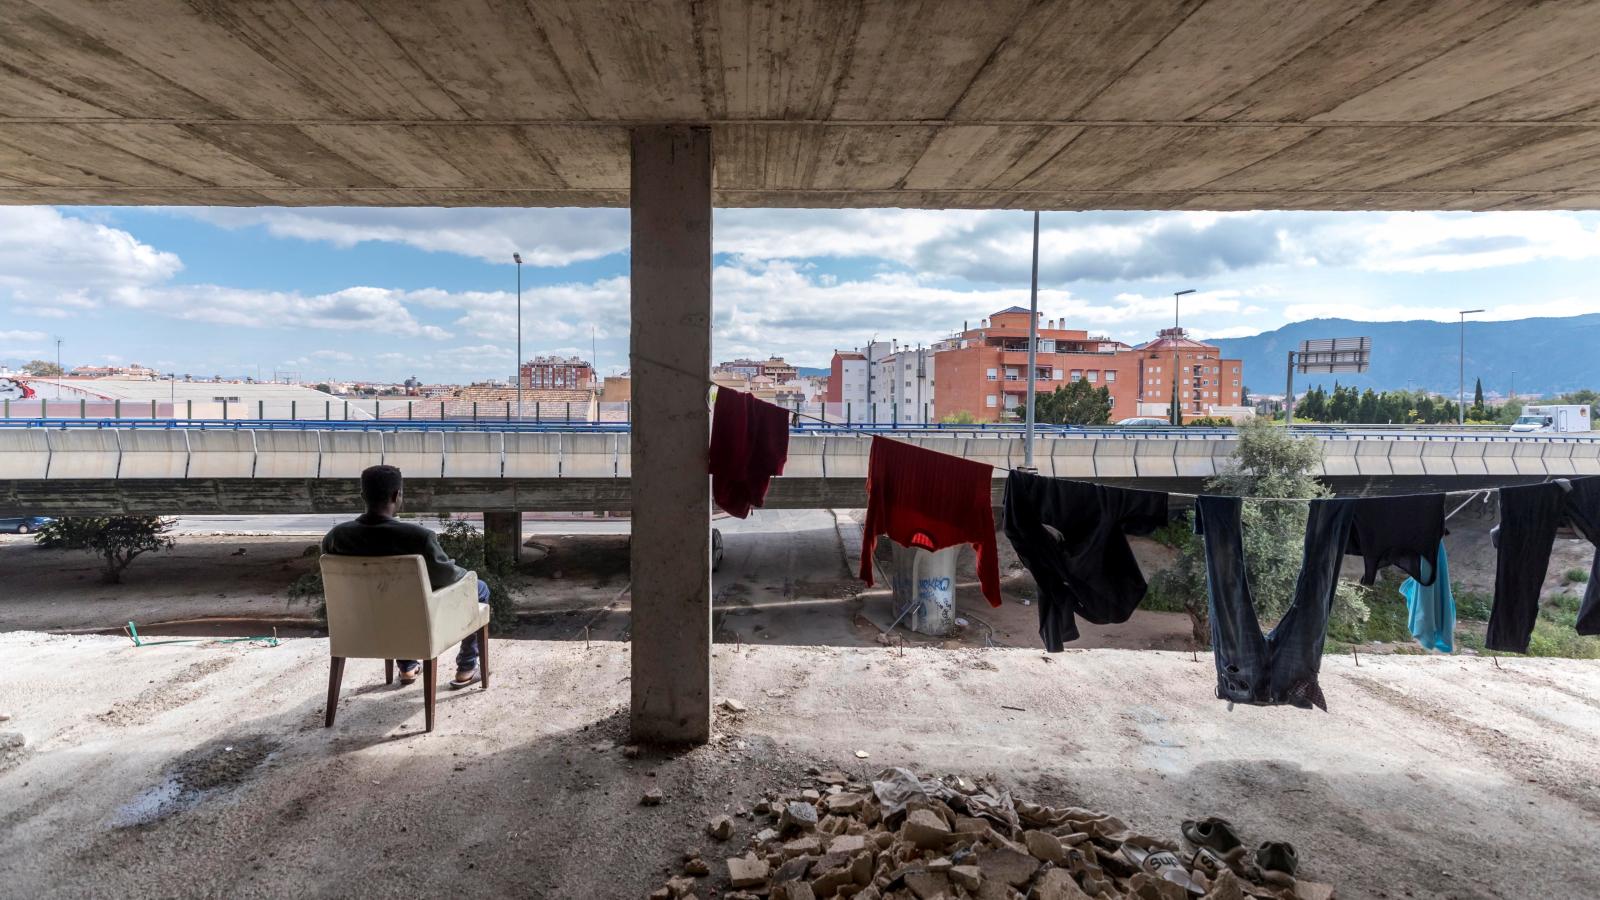 Migranci w Mursji. Hiszpania. Fot. EPA/Marcial Guillen